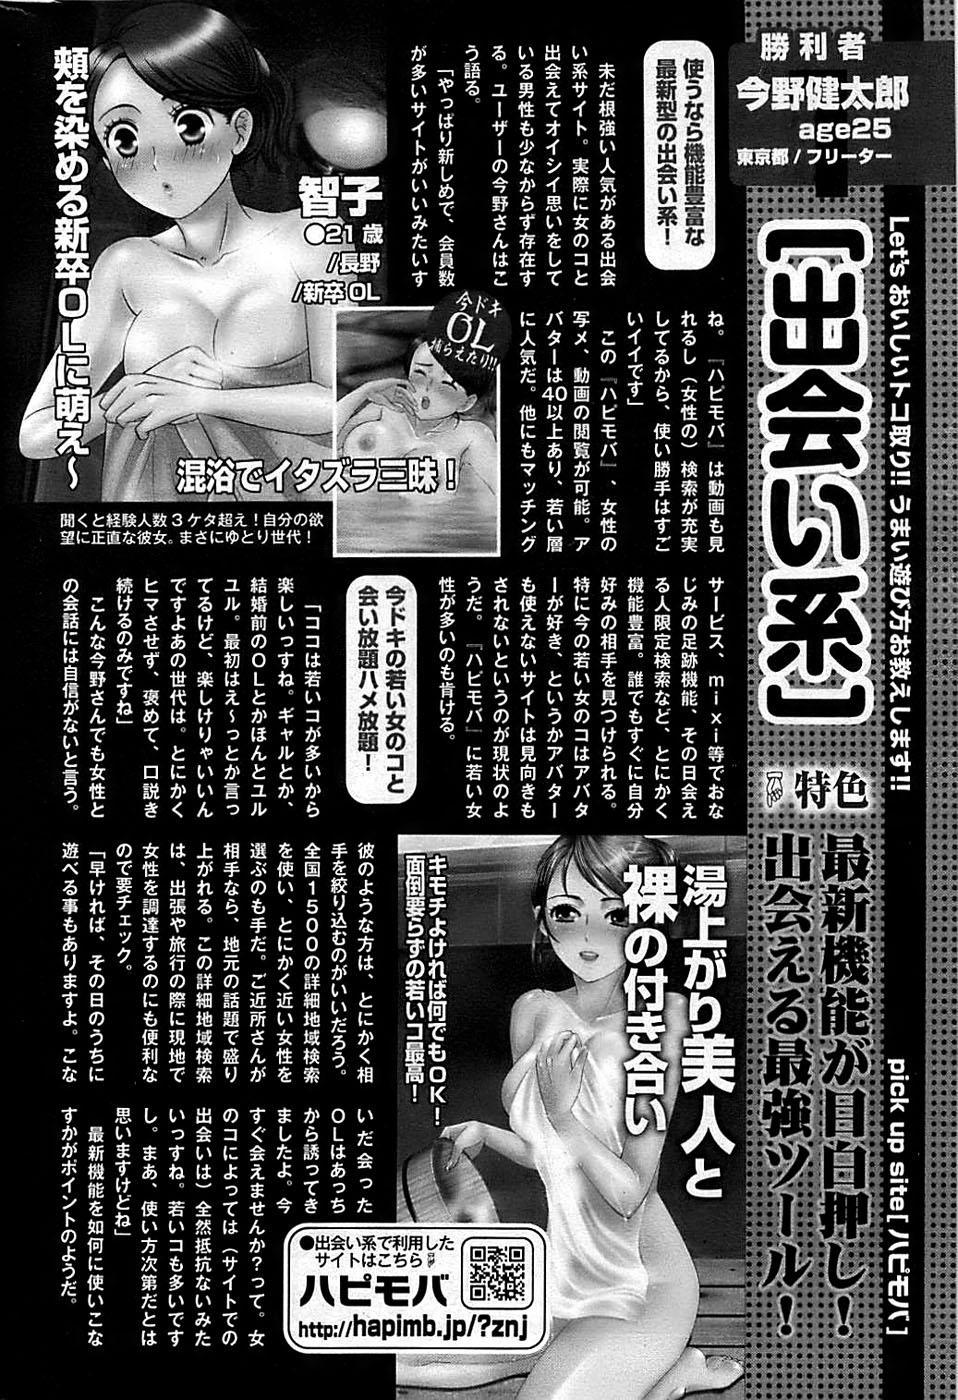 COMIC Shitsurakuten 2009-02 279